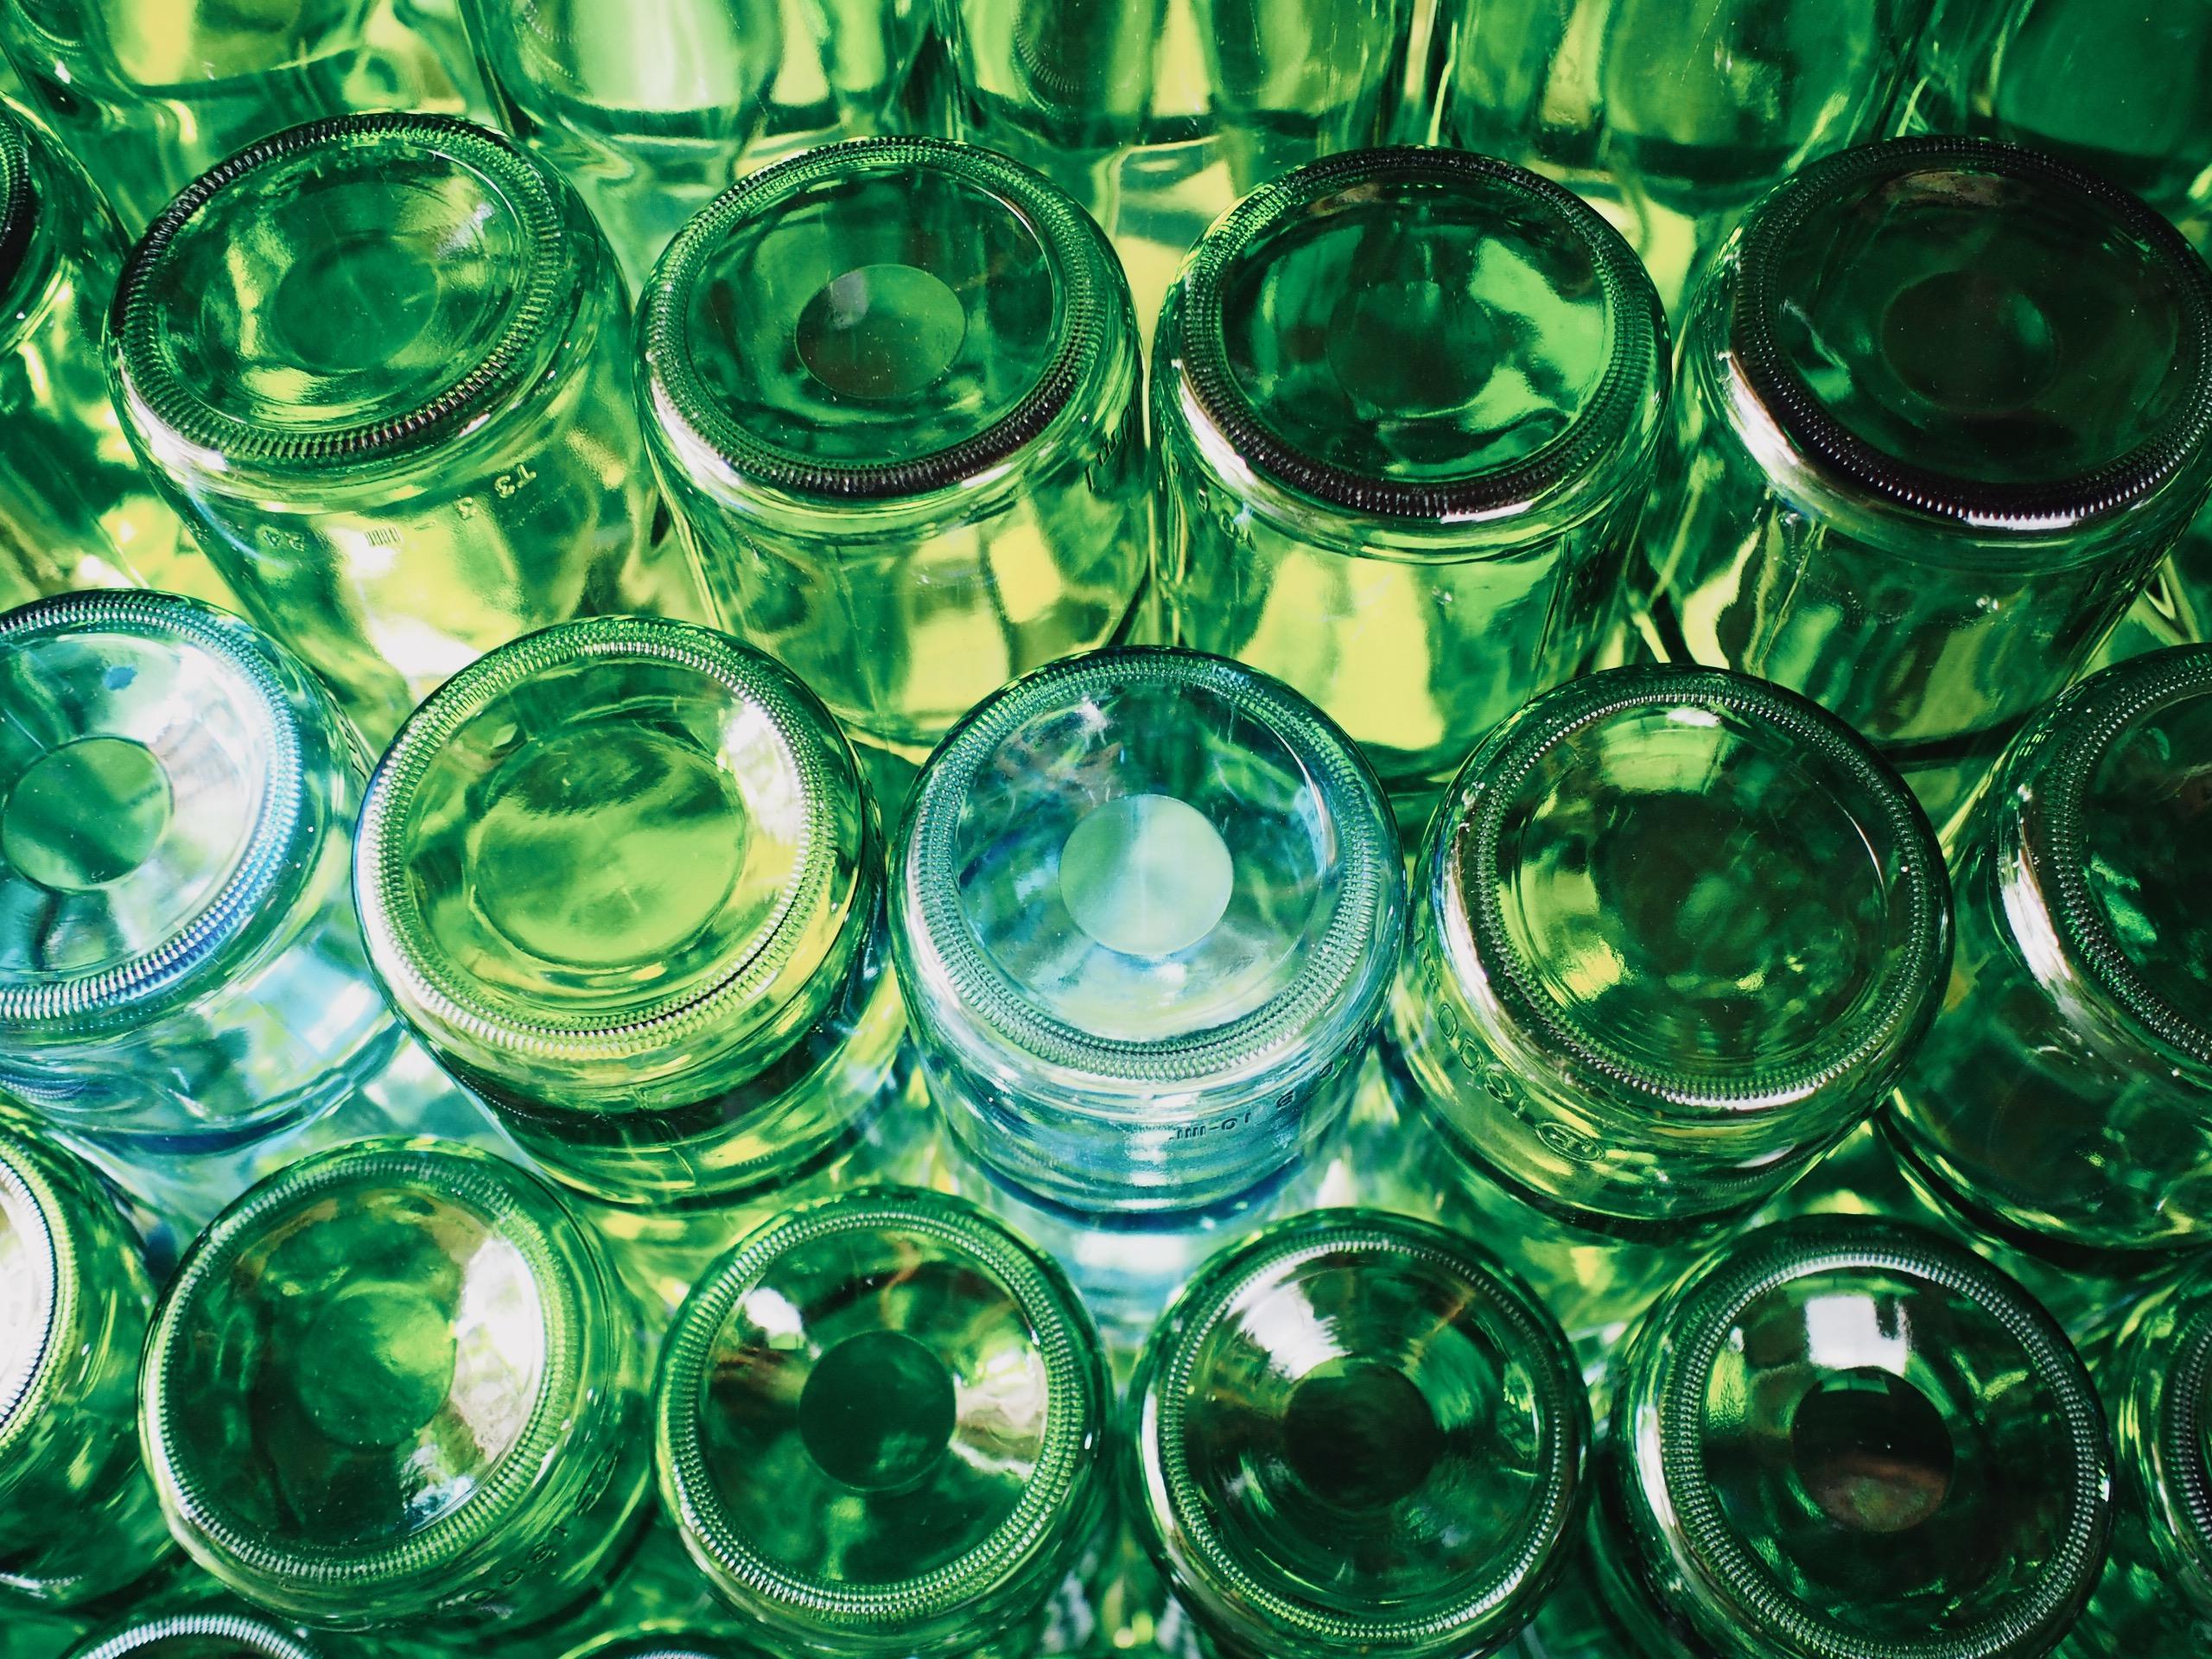 ガラスびんはおいしさを保存するのに良いです。リユースもできます。